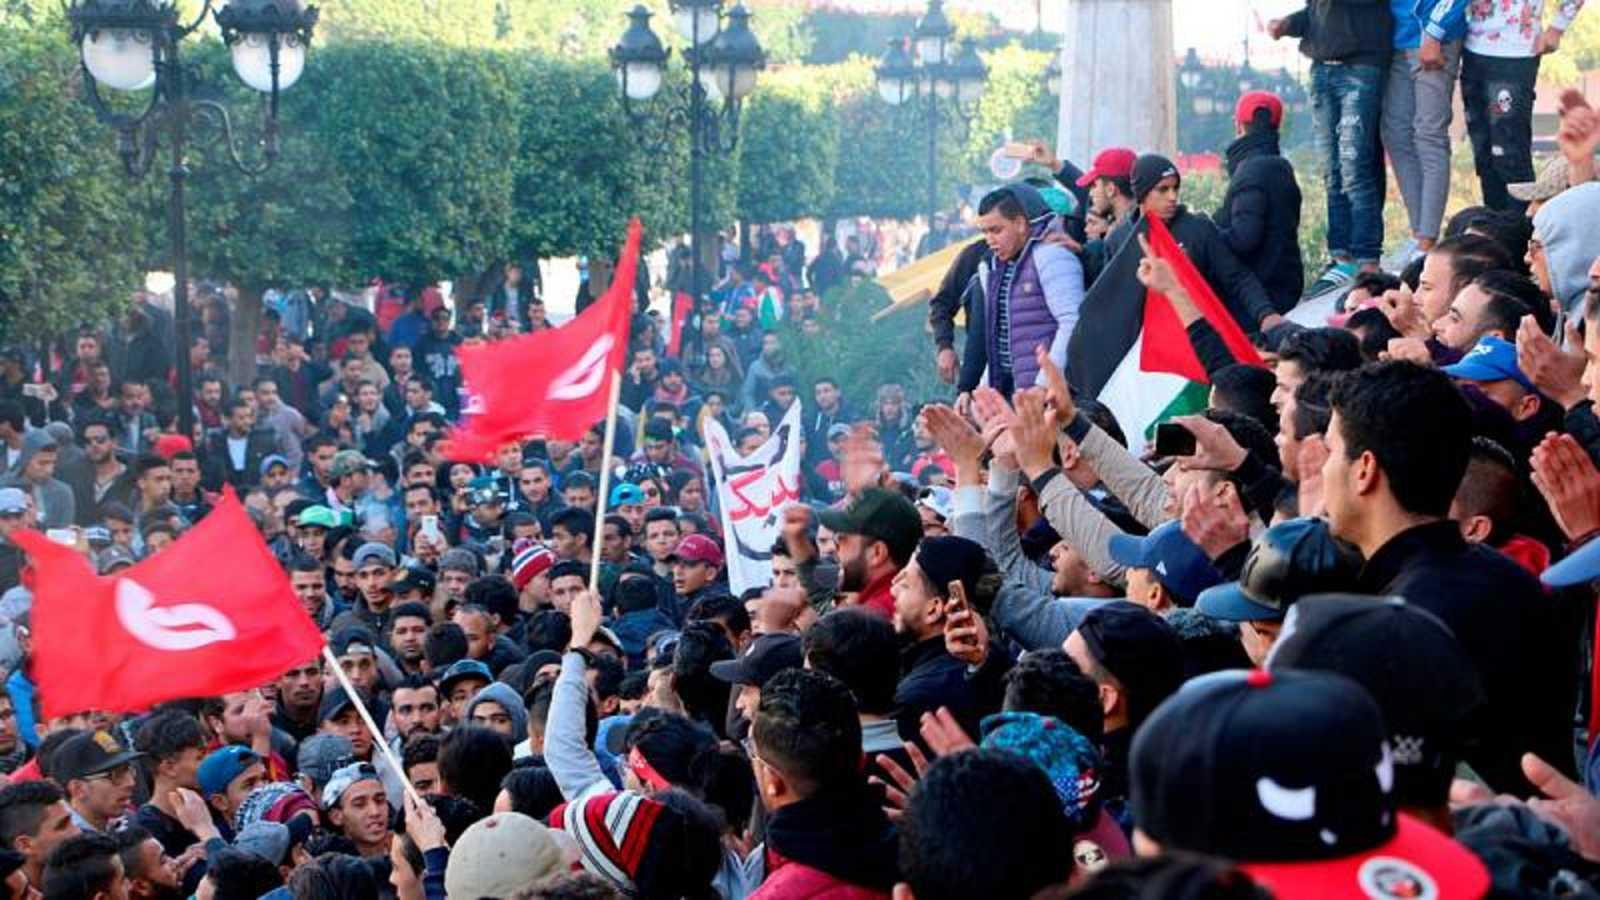 Reportajes 5 Continentes - 2021: diez años de las revueltas en el mundo árabe - Escuchar ahora